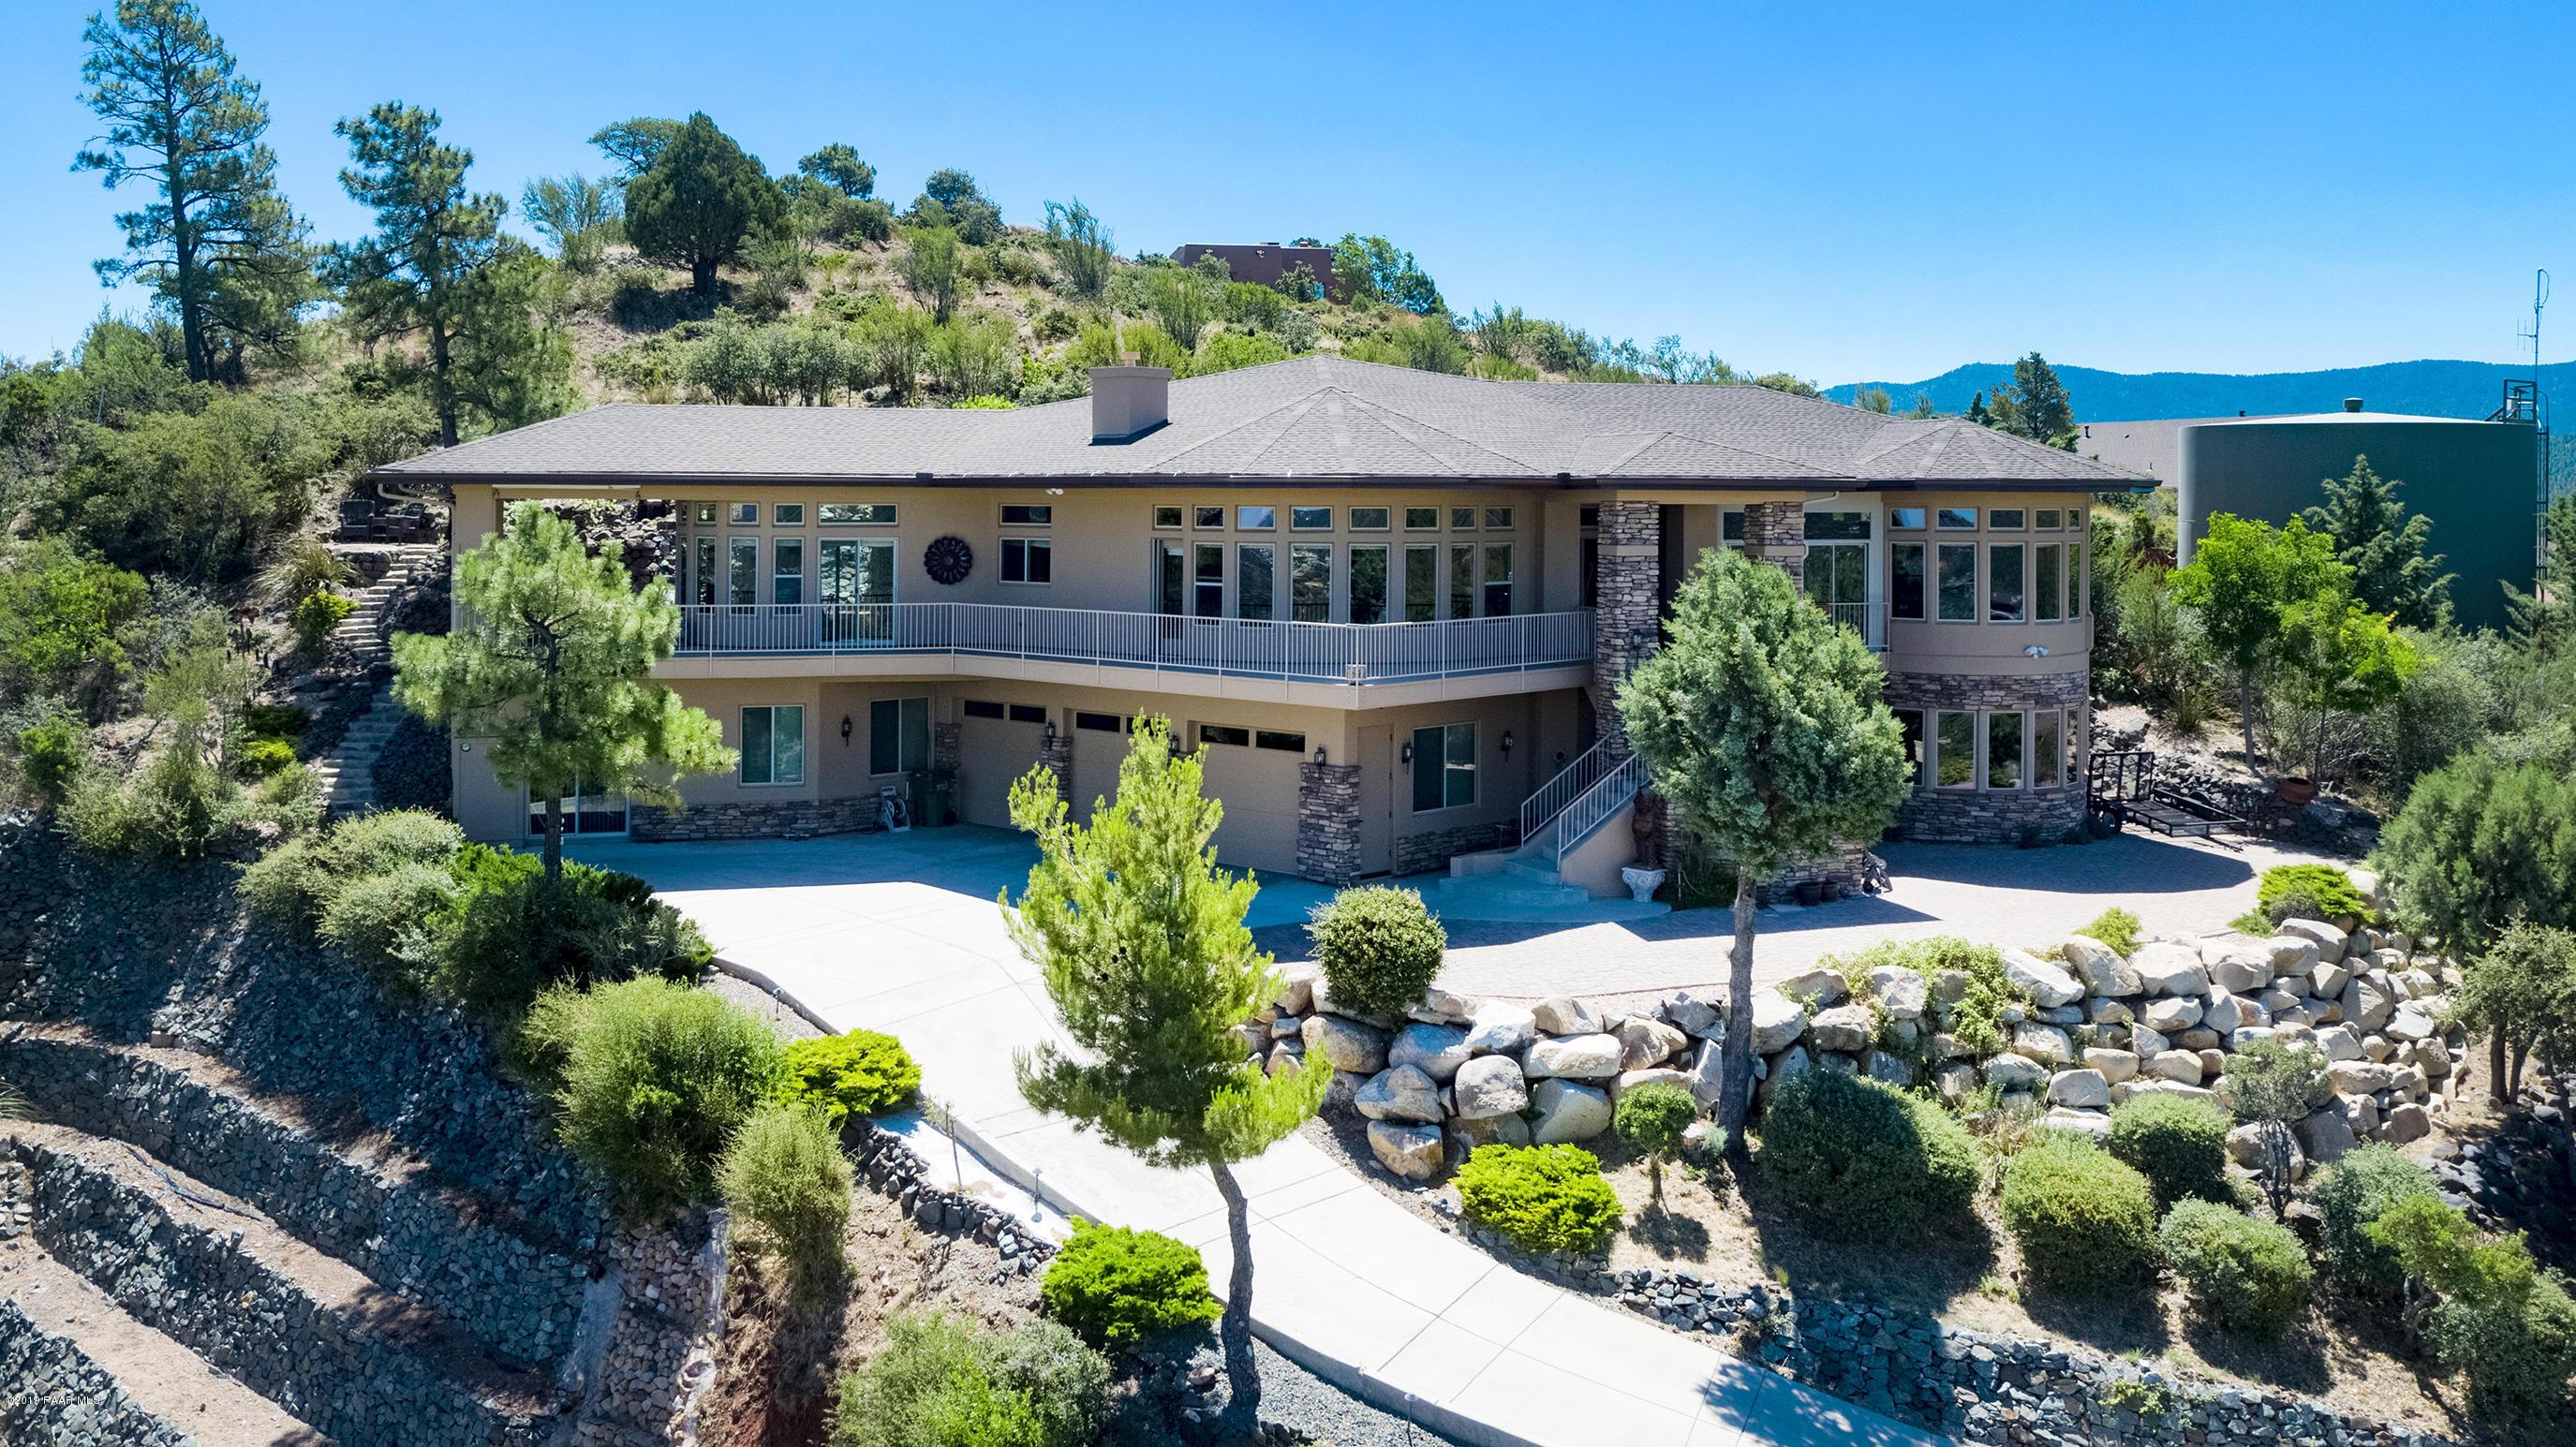 Photo of 1395 Escalante, Prescott, AZ 86303